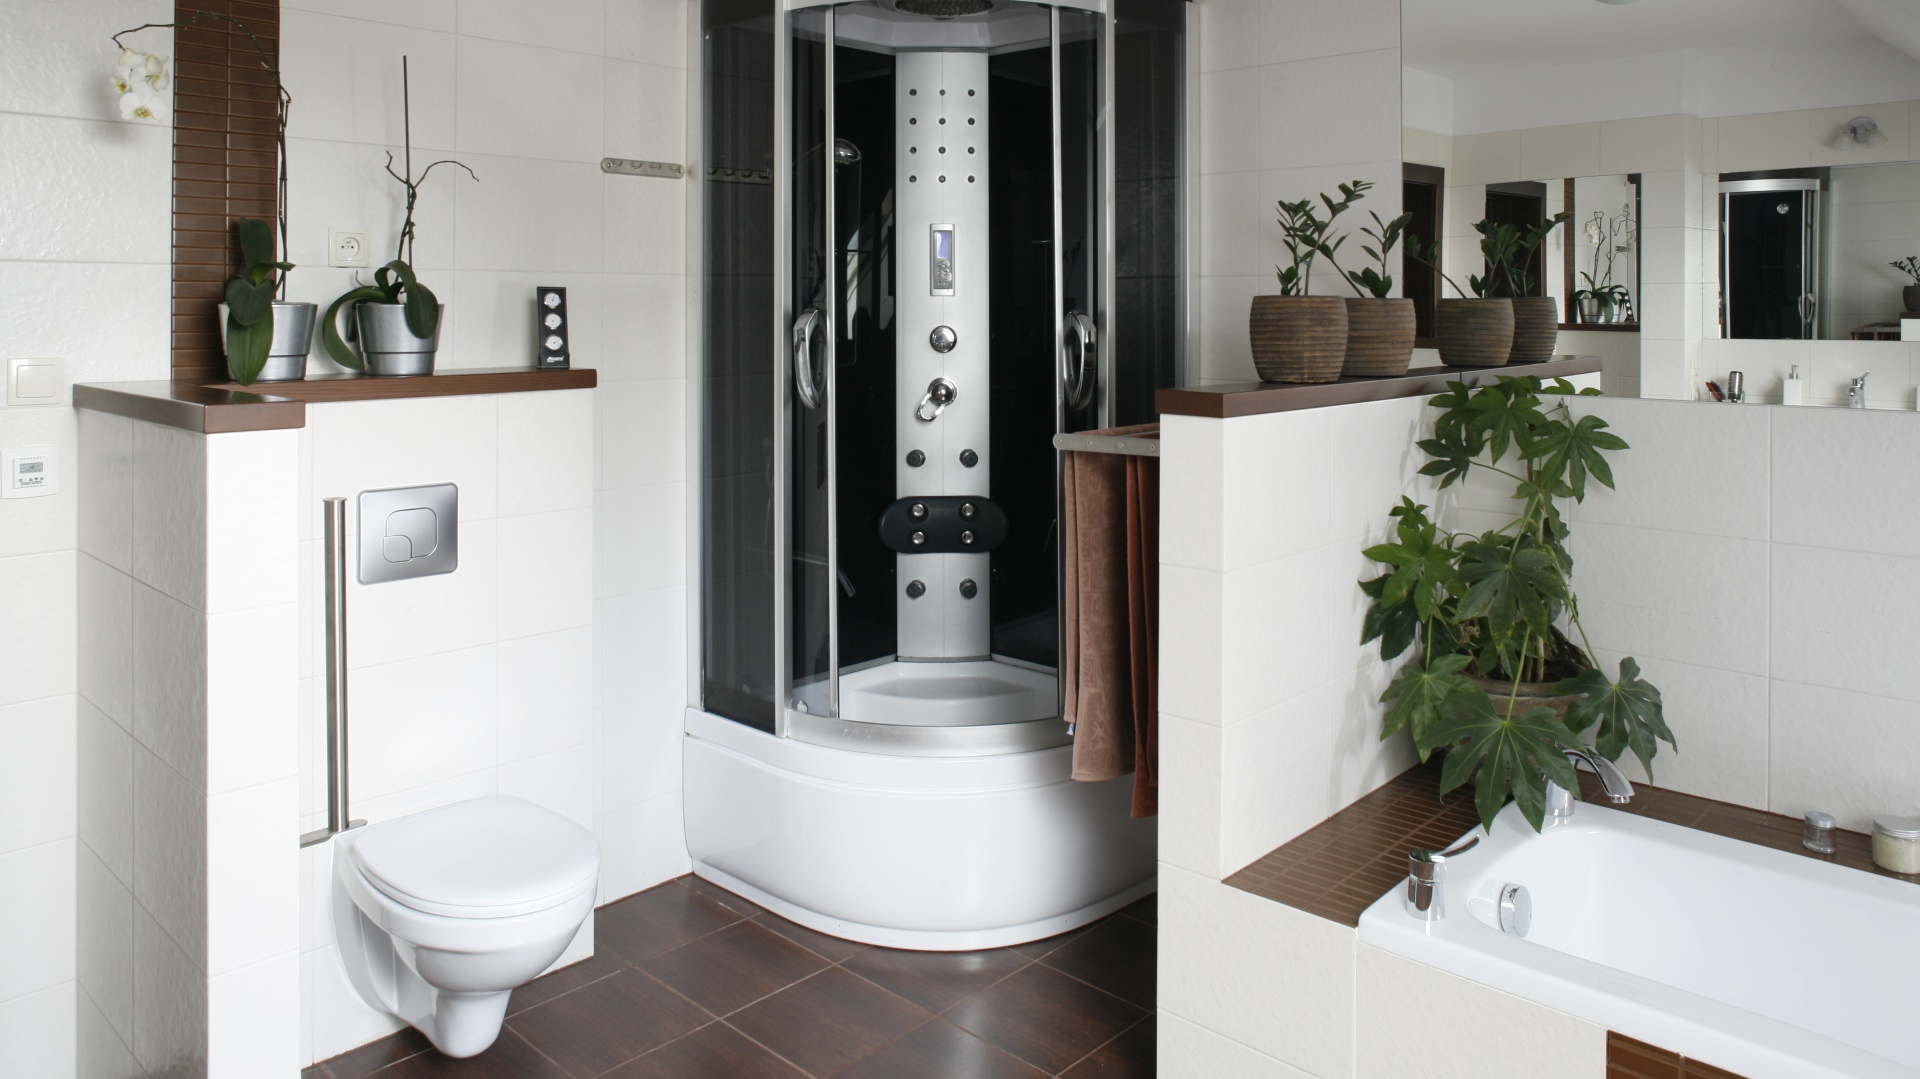 łazienka Dla Rodziny Tak Urządzili Inni 12 Przykładów